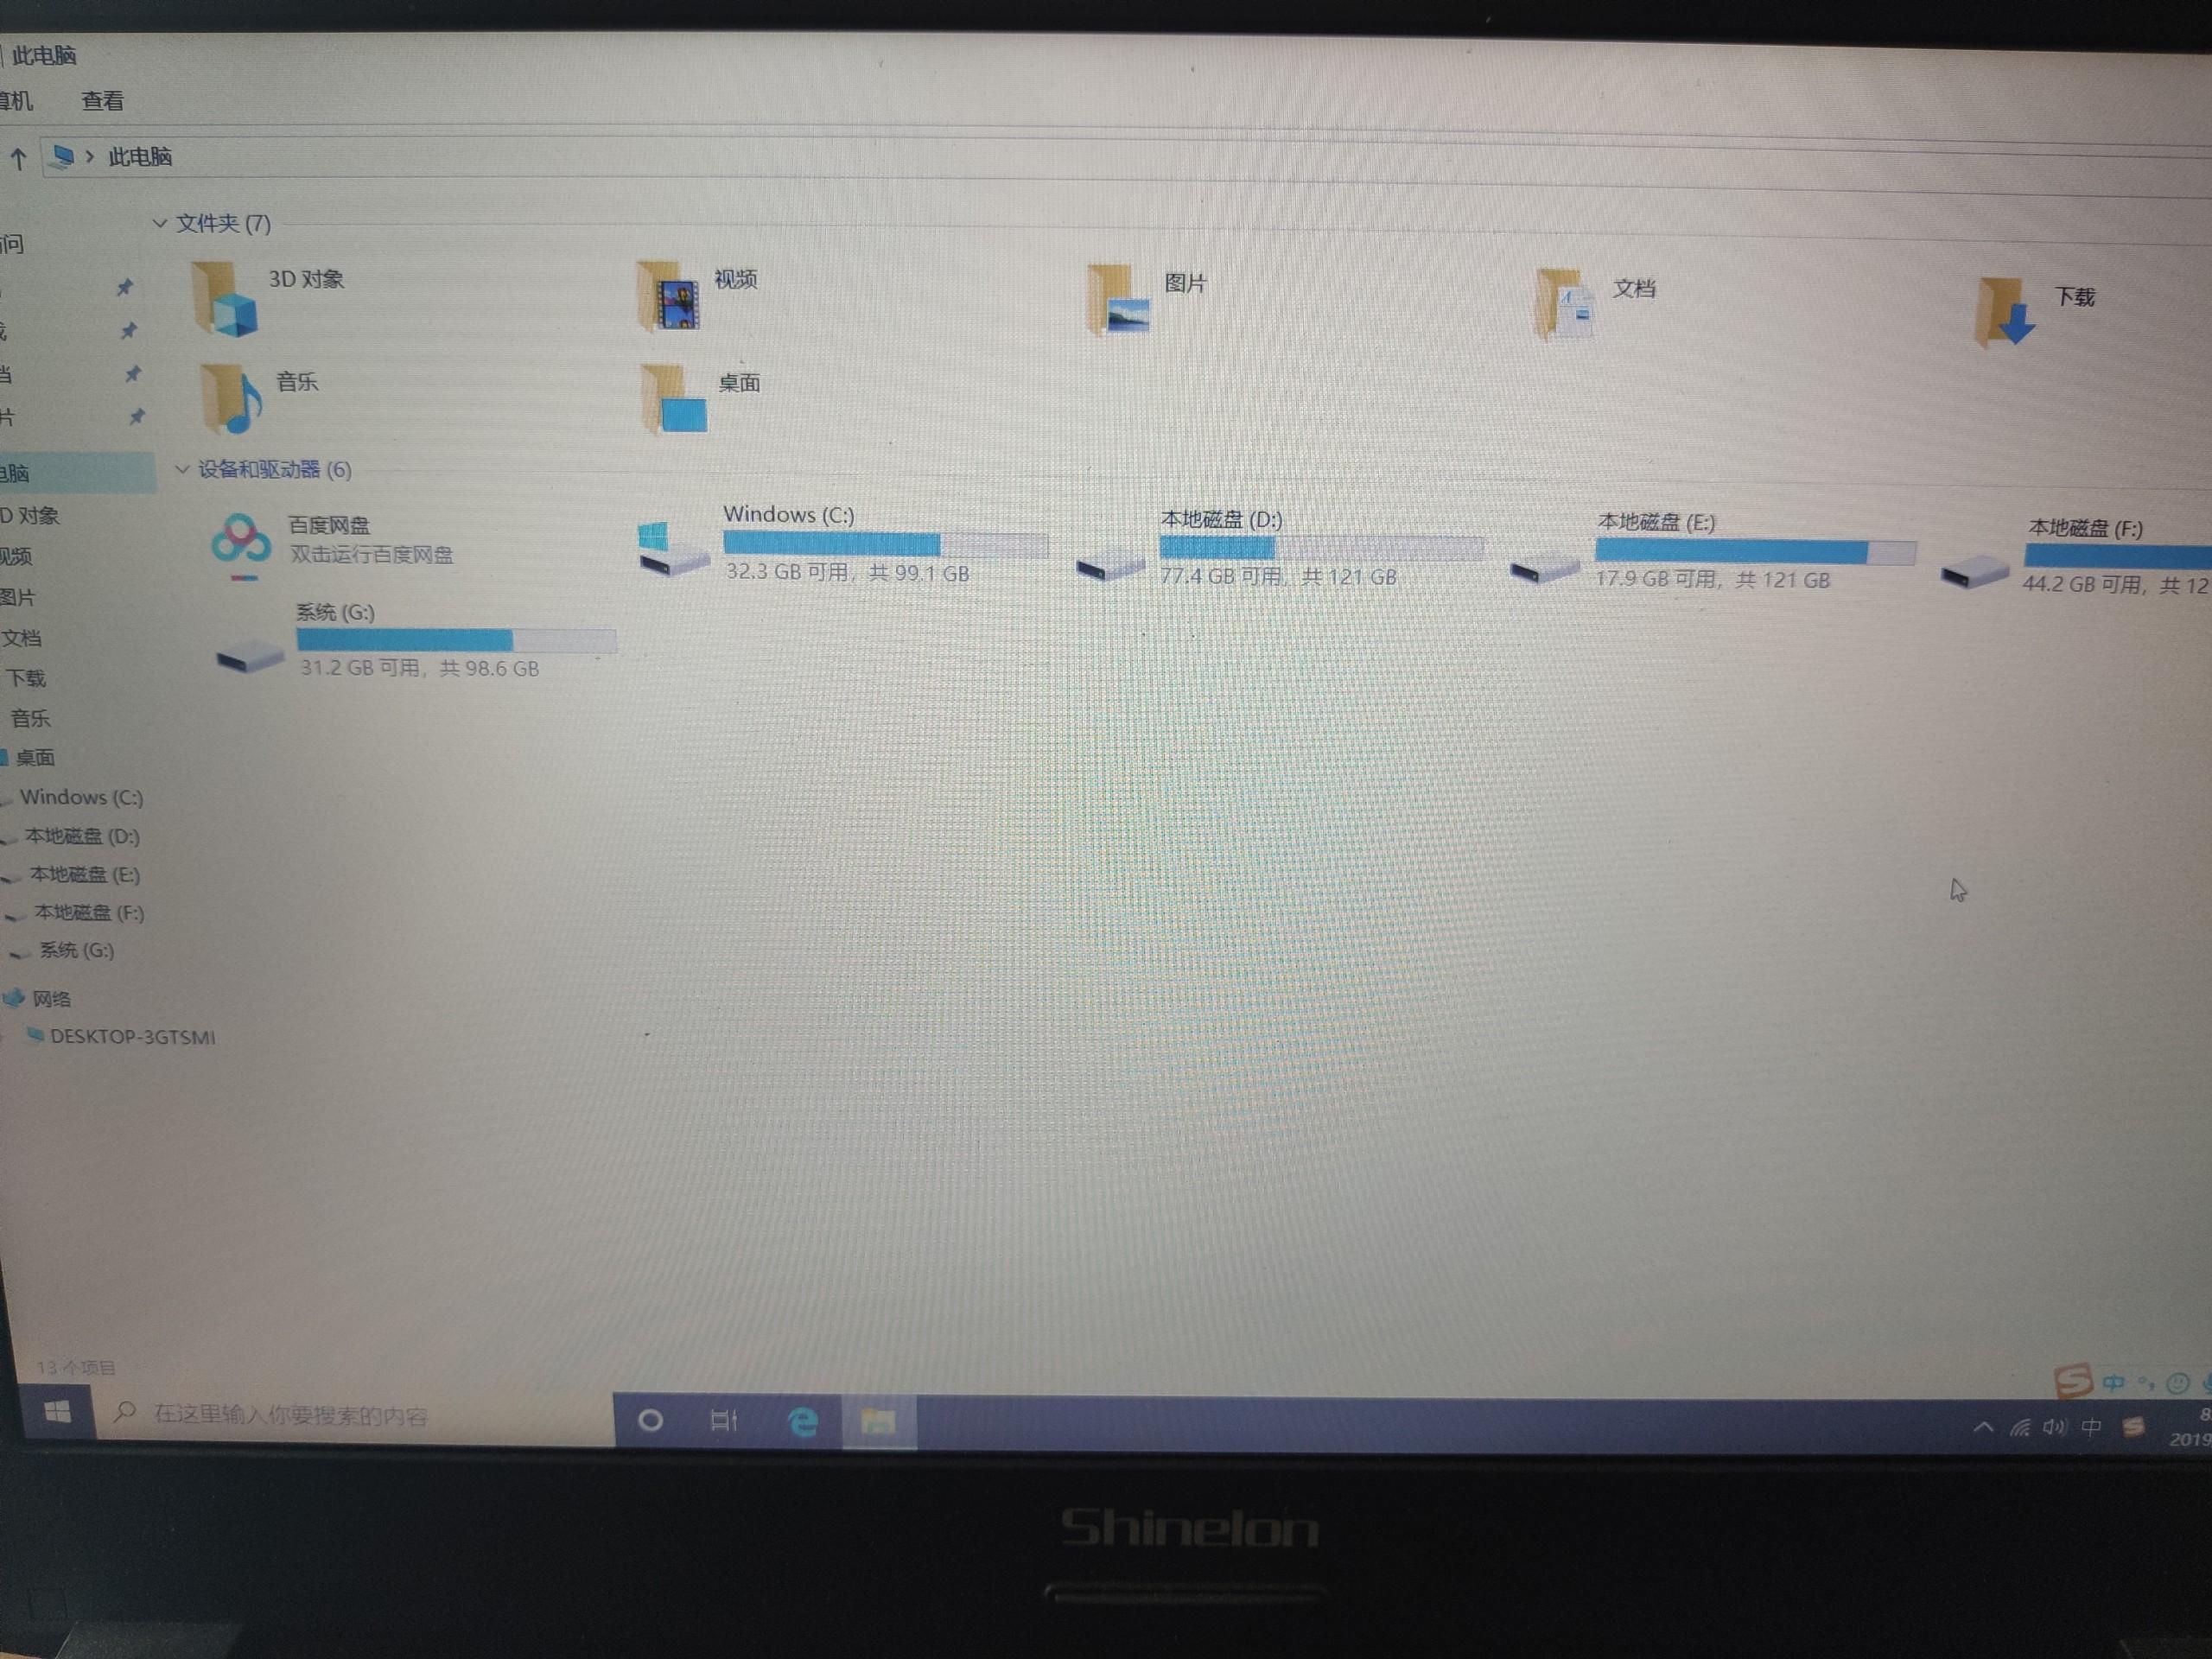 傲梅分区助手_使用傲梅分区助手迁移系统到固态硬盘后,重新启动出现问题-傲 ...